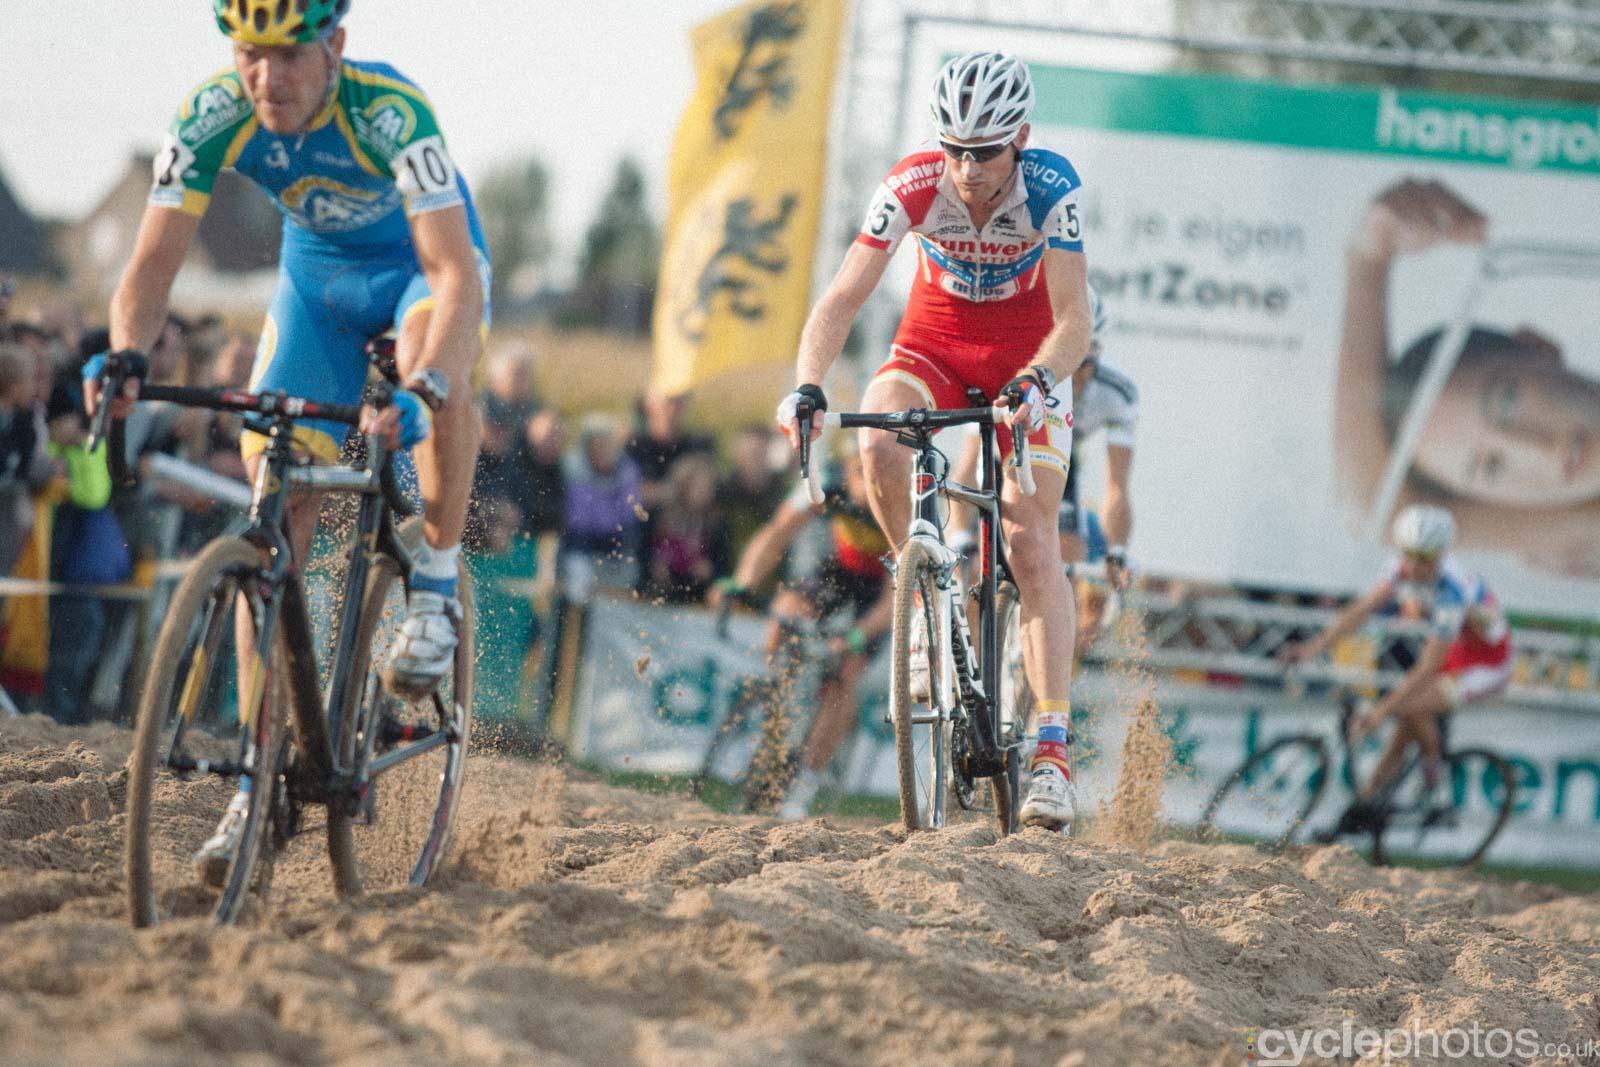 2012-cyclephotos-cyclocross-ruddervoorde-163303-klaas-vantornout